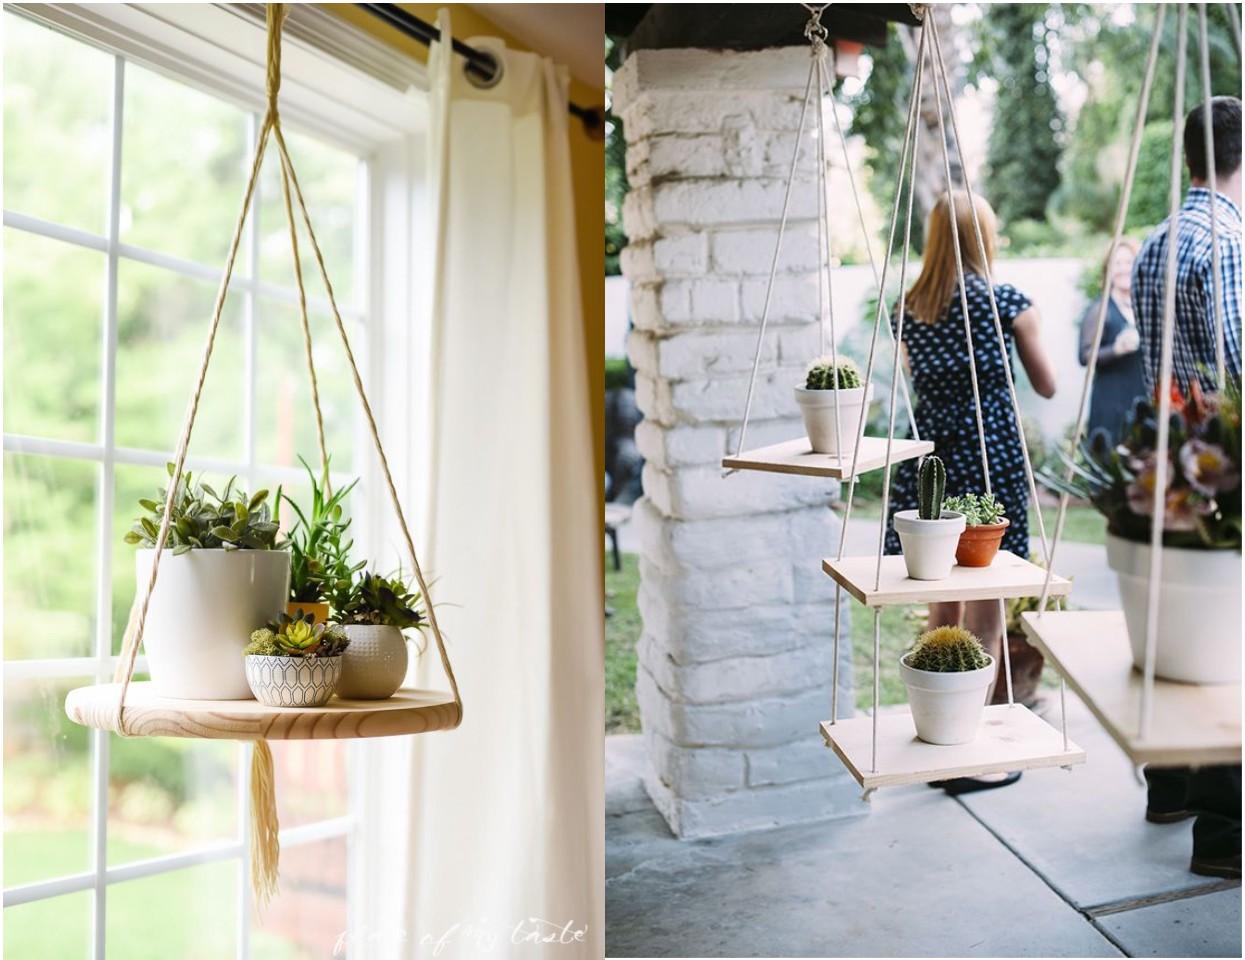 10 ideas de decoraci n con plantas colgantes for Decoracion con plantas para exteriores